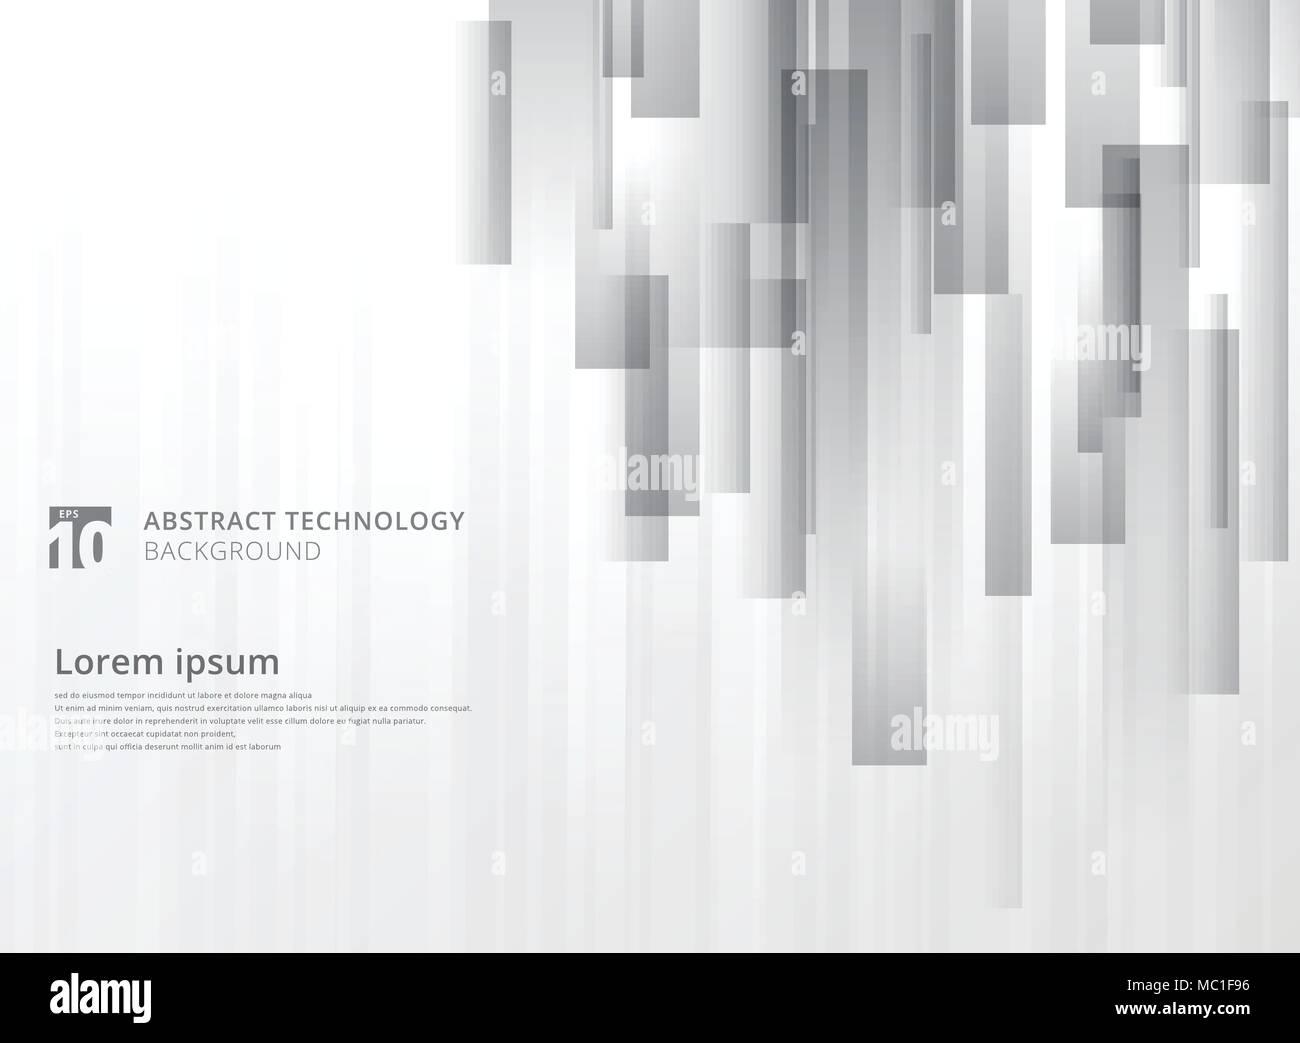 La technologie de l'abstrait géométrique chevauchement vertical de forme carré de couleur gris clair sur fond blanc avec l'exemplaire de l'espace. Vector illustration graphique Photo Stock